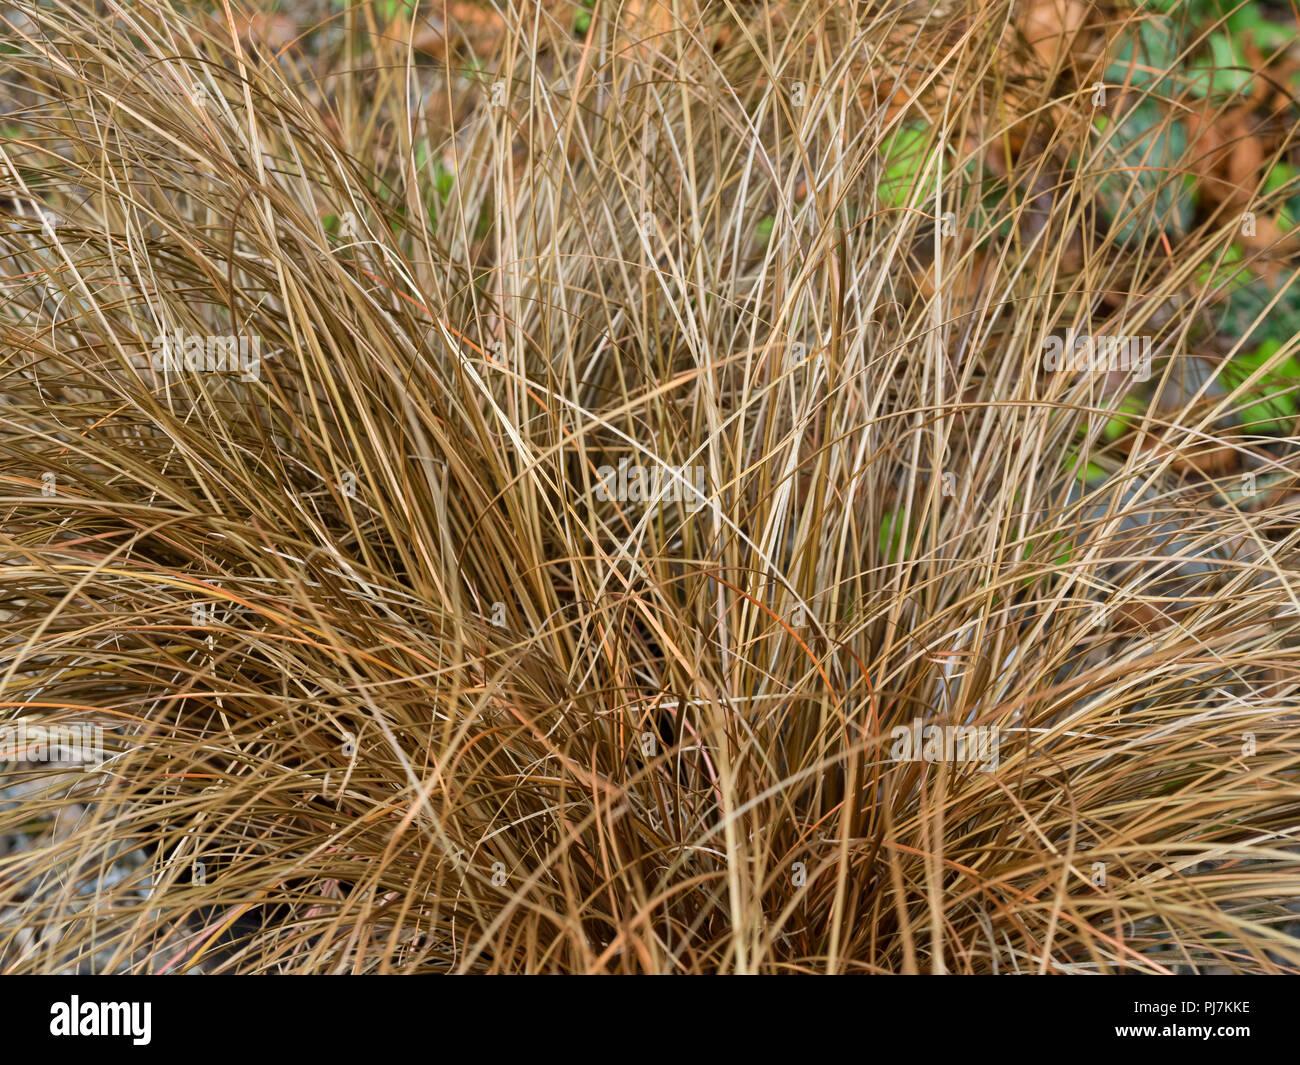 Feuillage bronze étroit de l'evergreen, mound, formant des pleurs brown carex, Cistus salviifolius Photo Stock